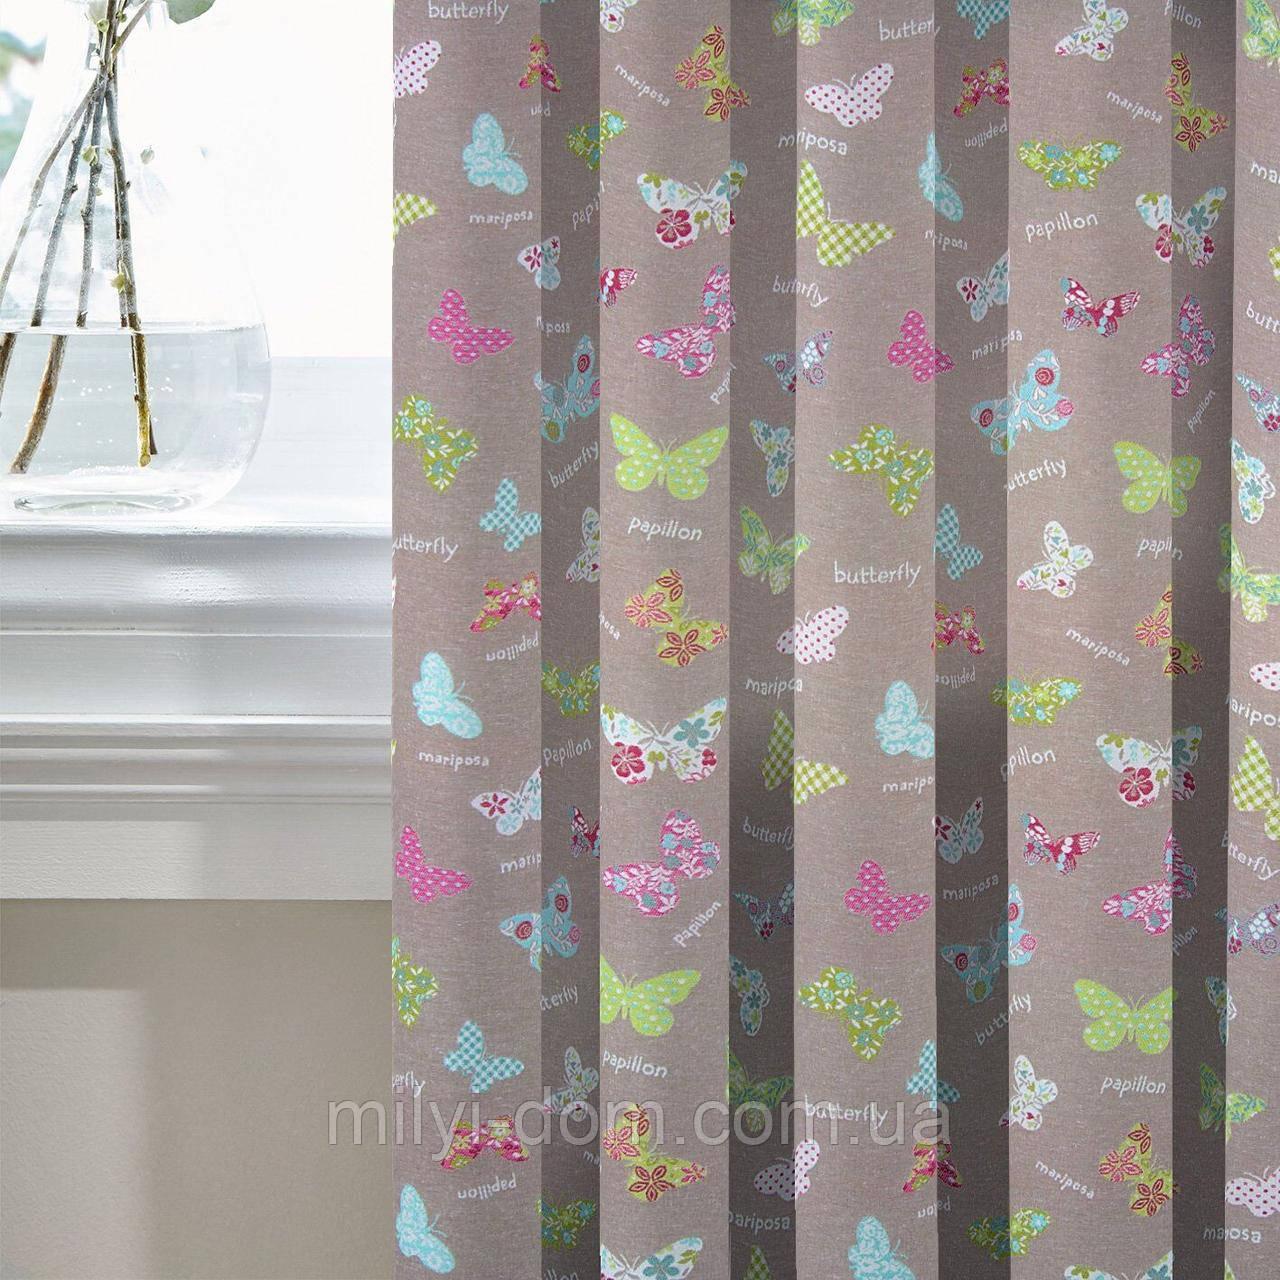 Комплект Штор в детскую Жаккард Испания БАТТЕРФЛЯЙ Розовый, арт. MG-121971, 275*145 см